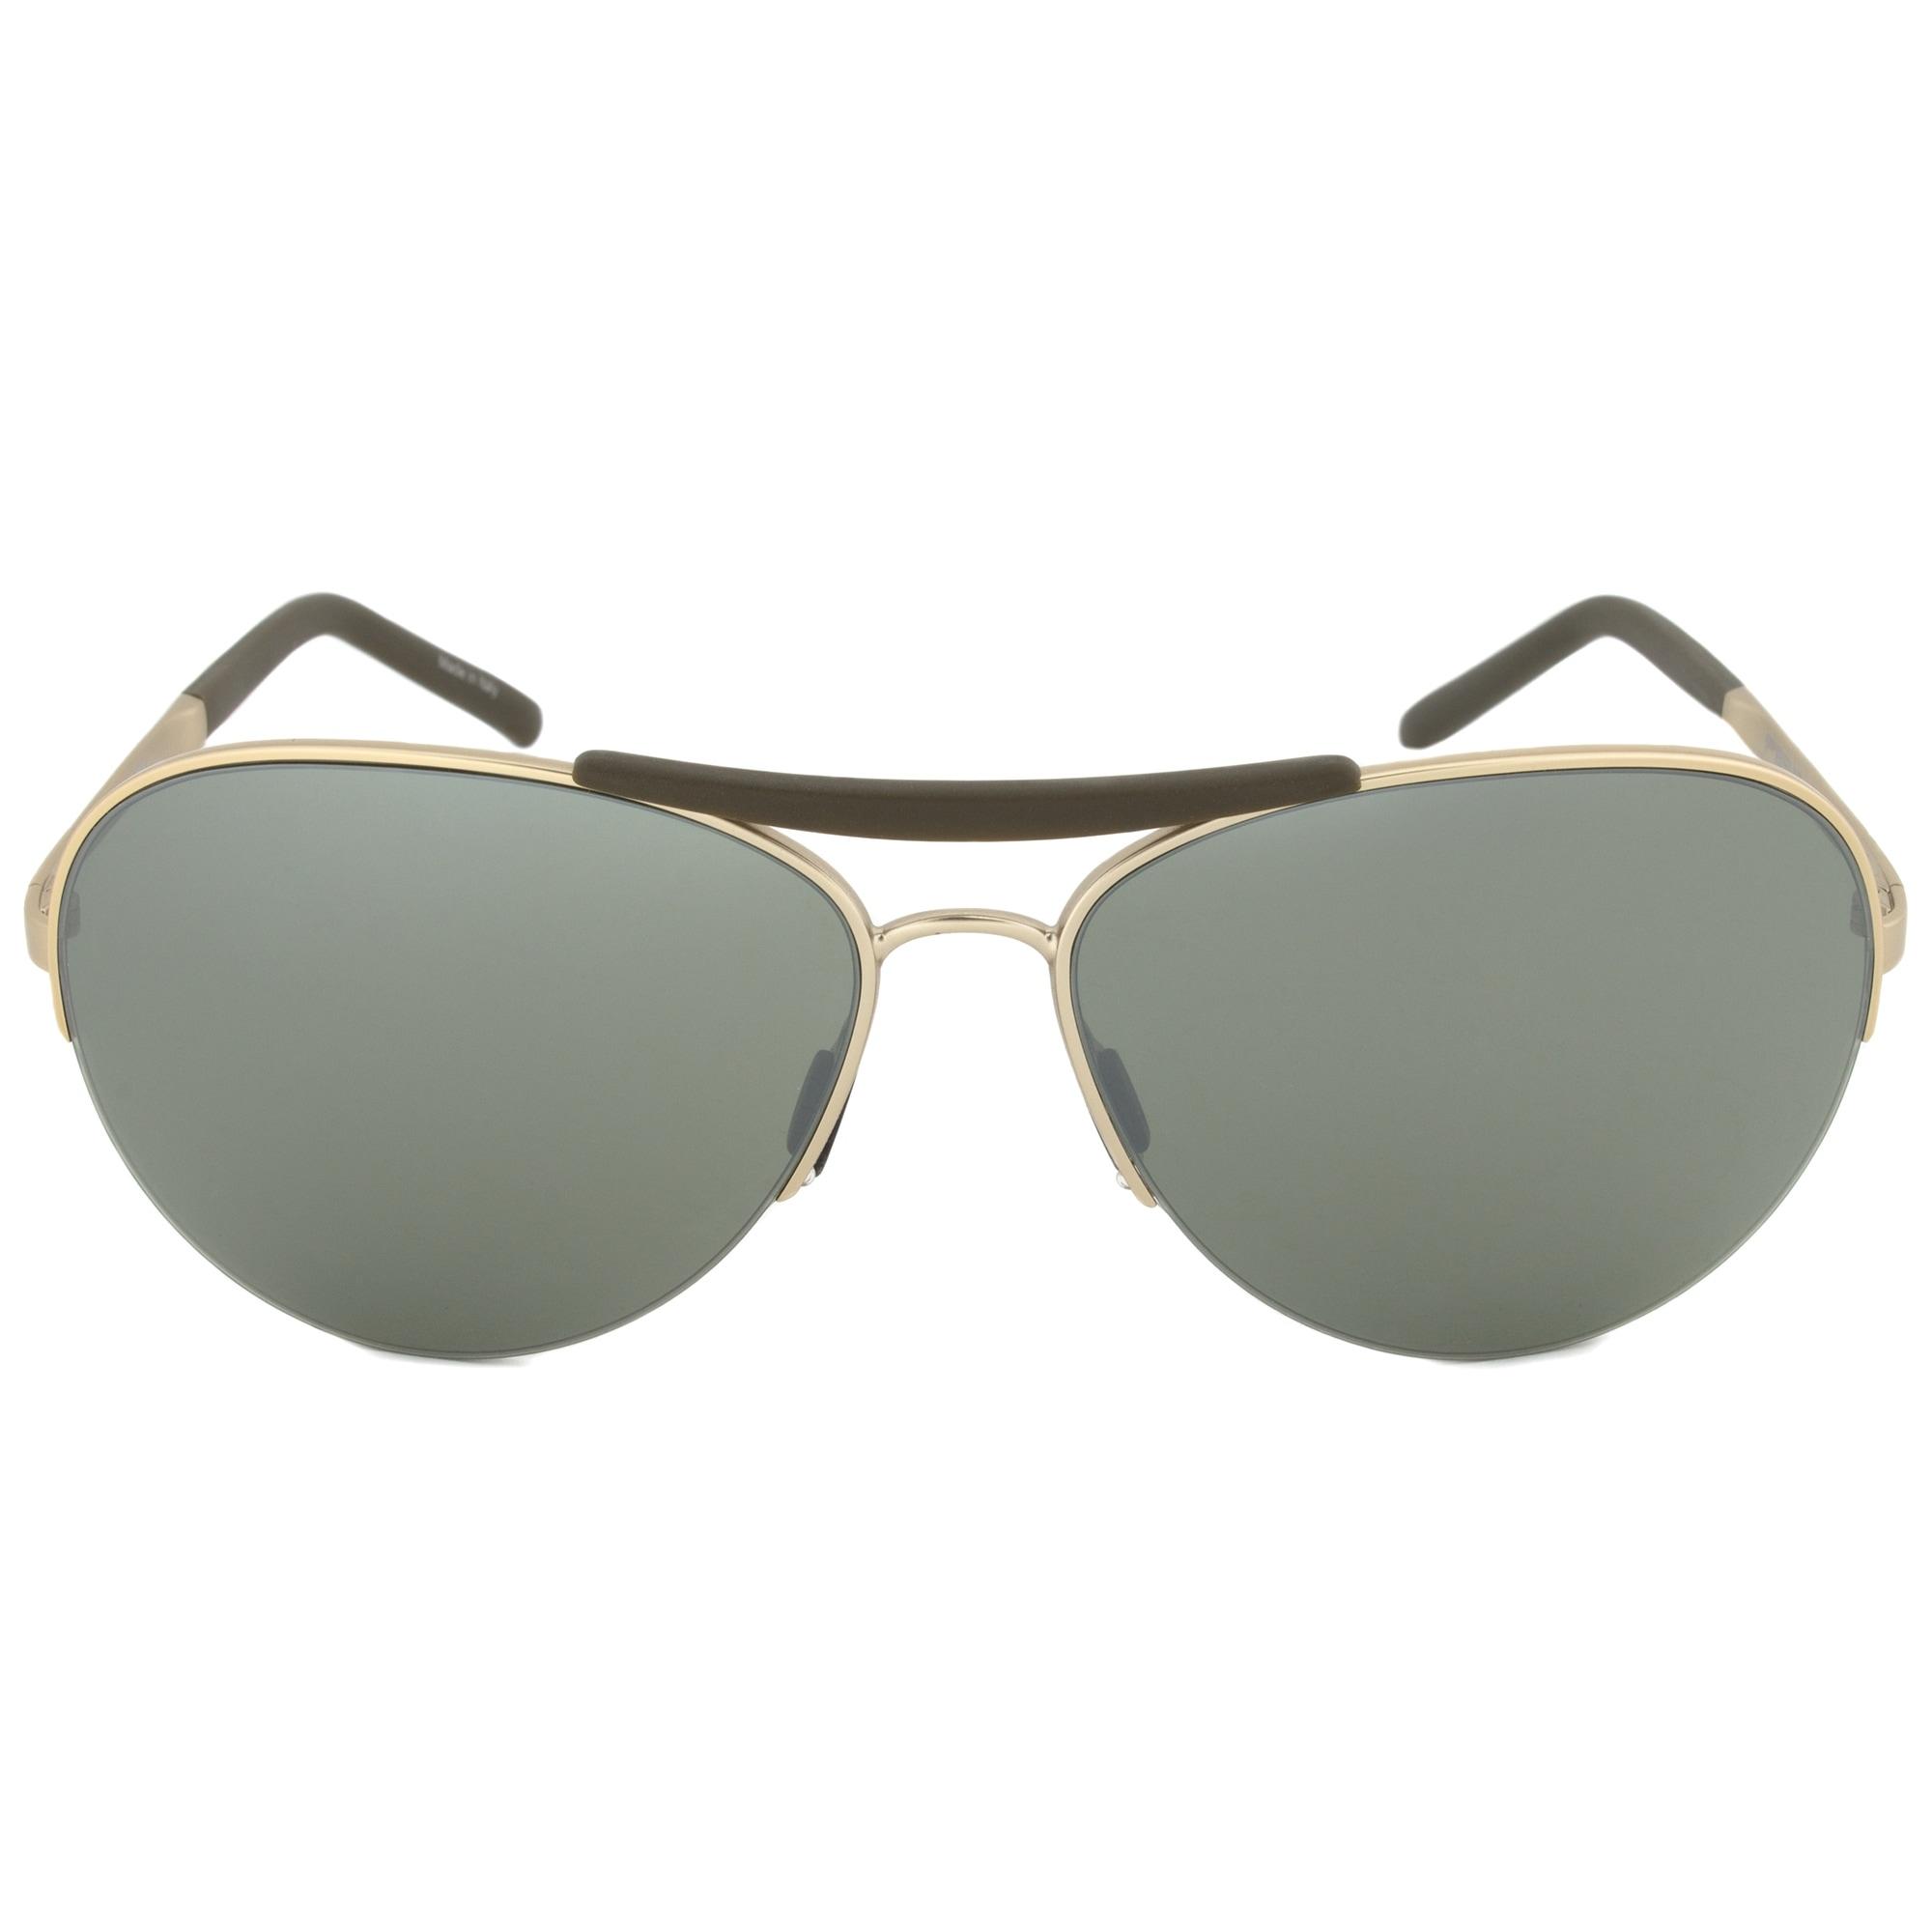 e1ca91c5a21f Shop Porsche Design Design P8540 C Aviator Sunglasses